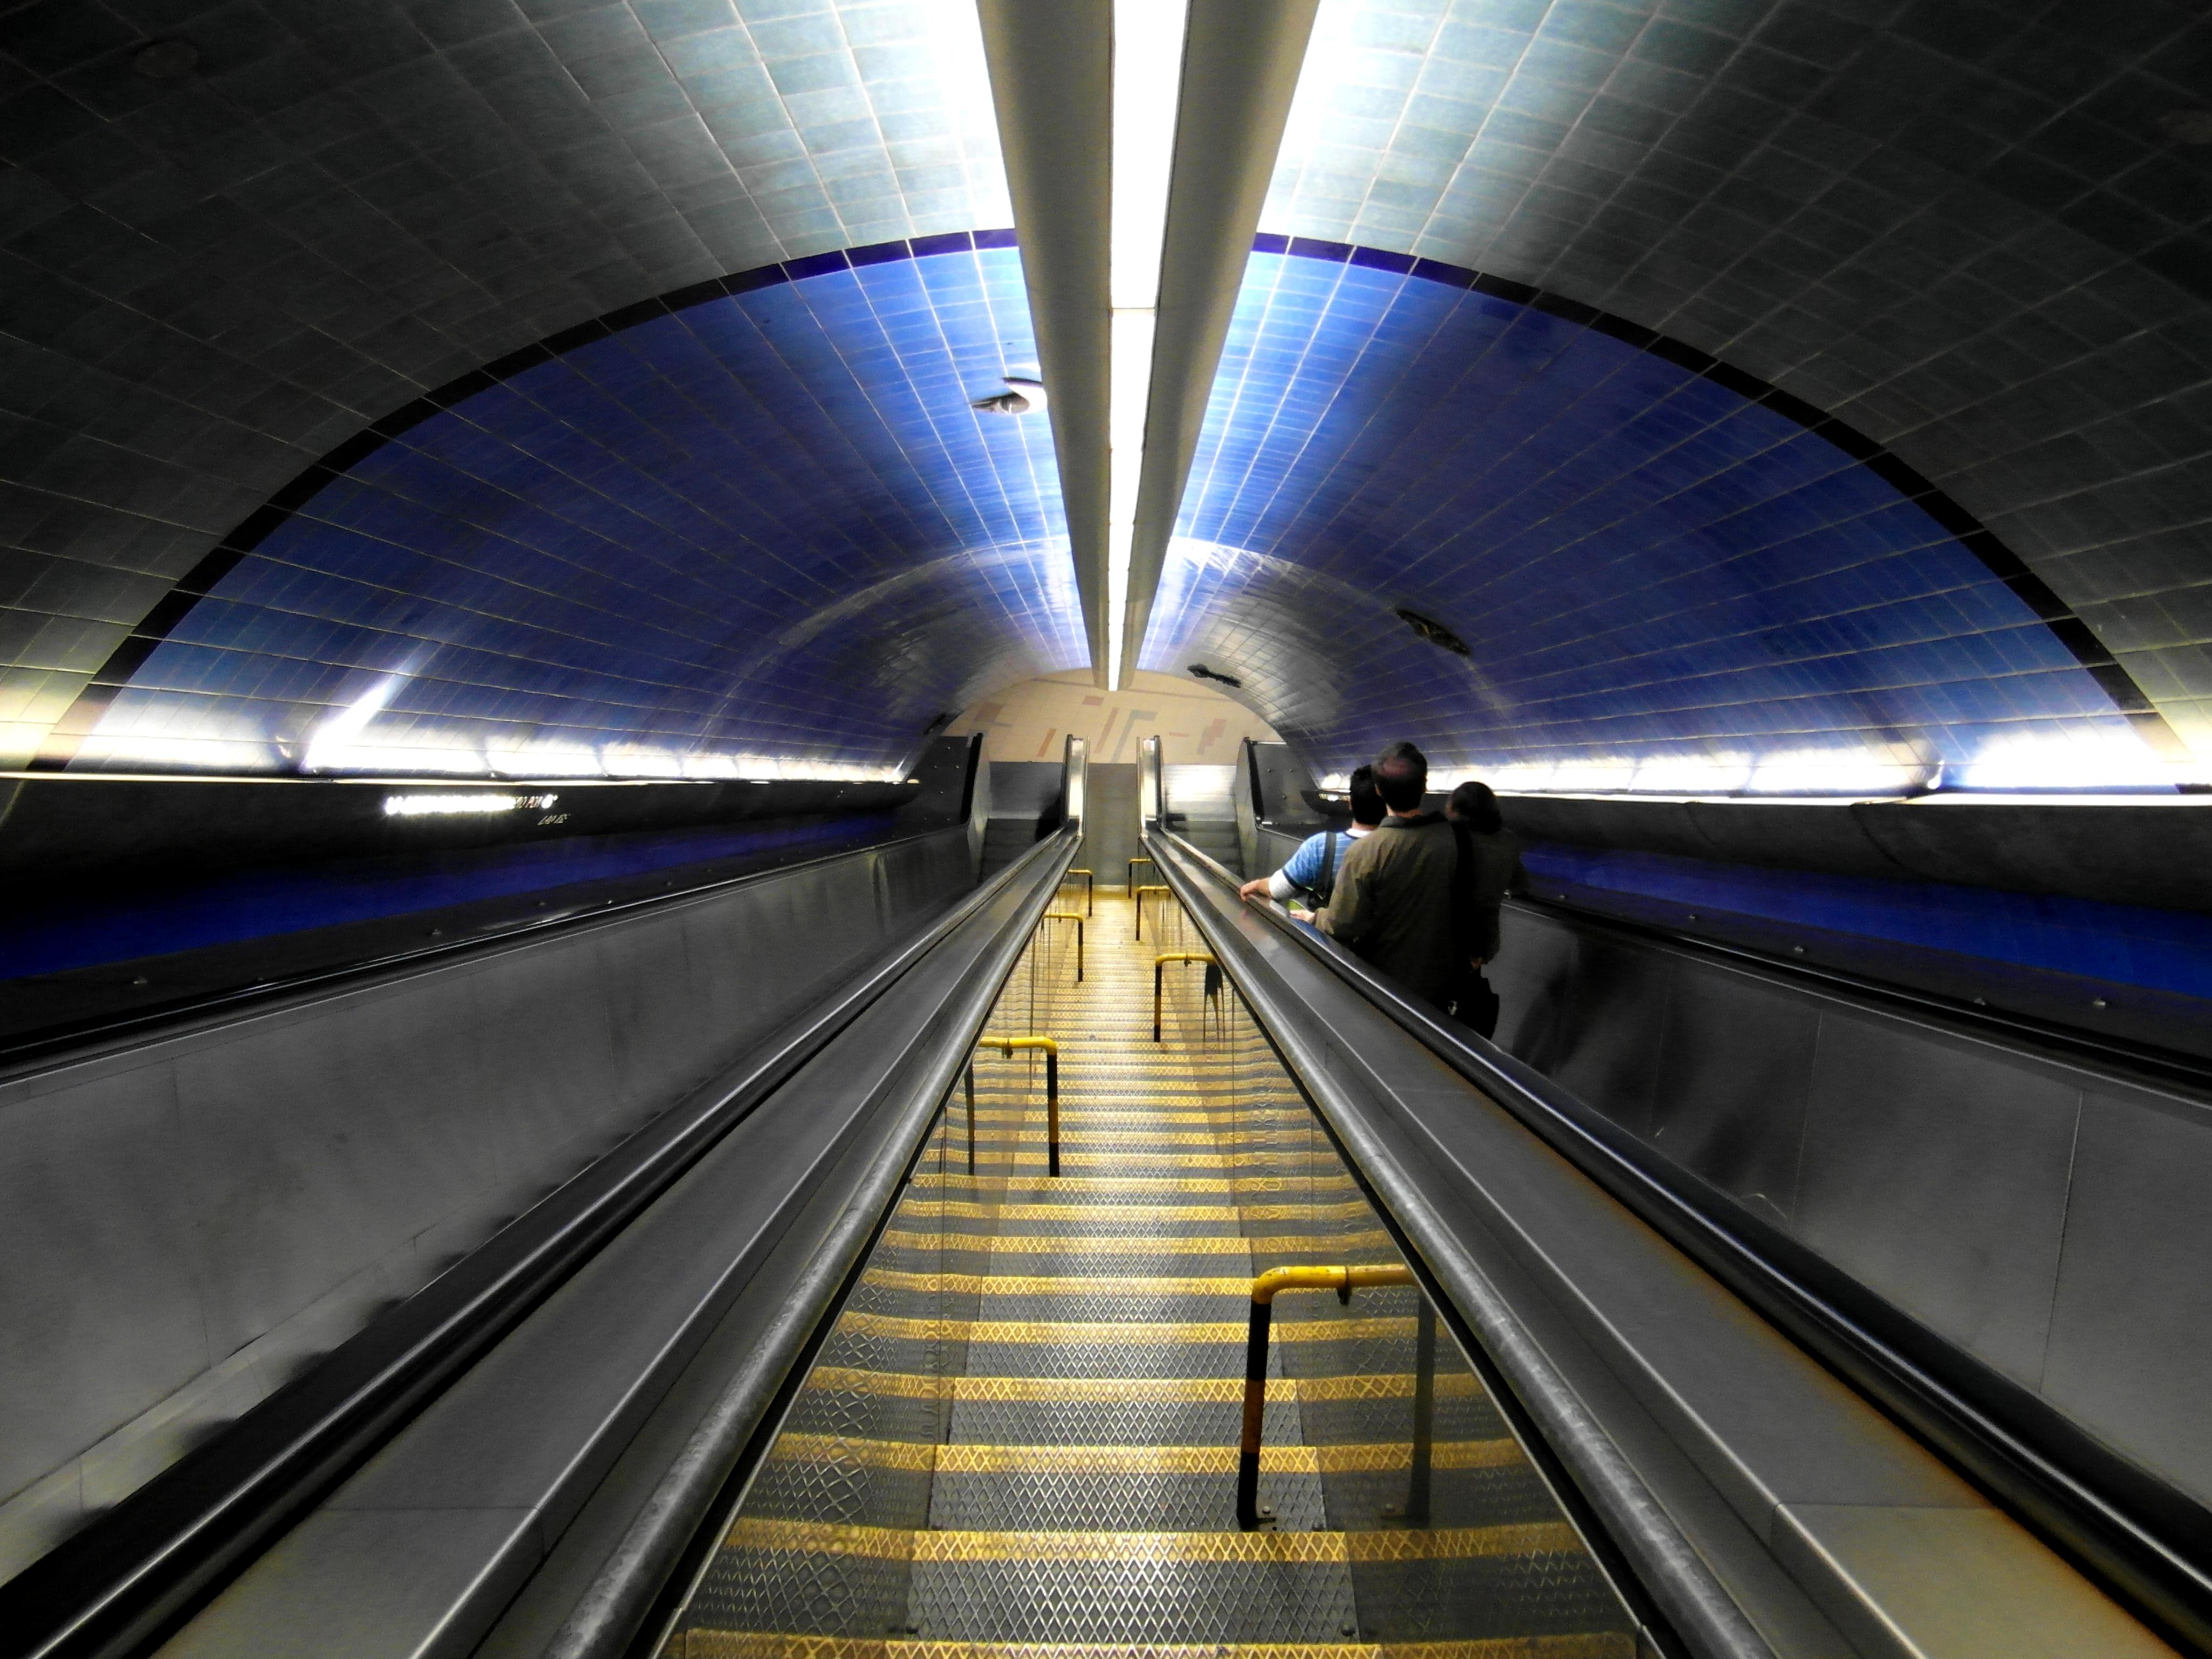 By IngolfBLN - Metro de Lisboa - Estação Parque Uploaded by jcornelius, CC BY-SA 2.0